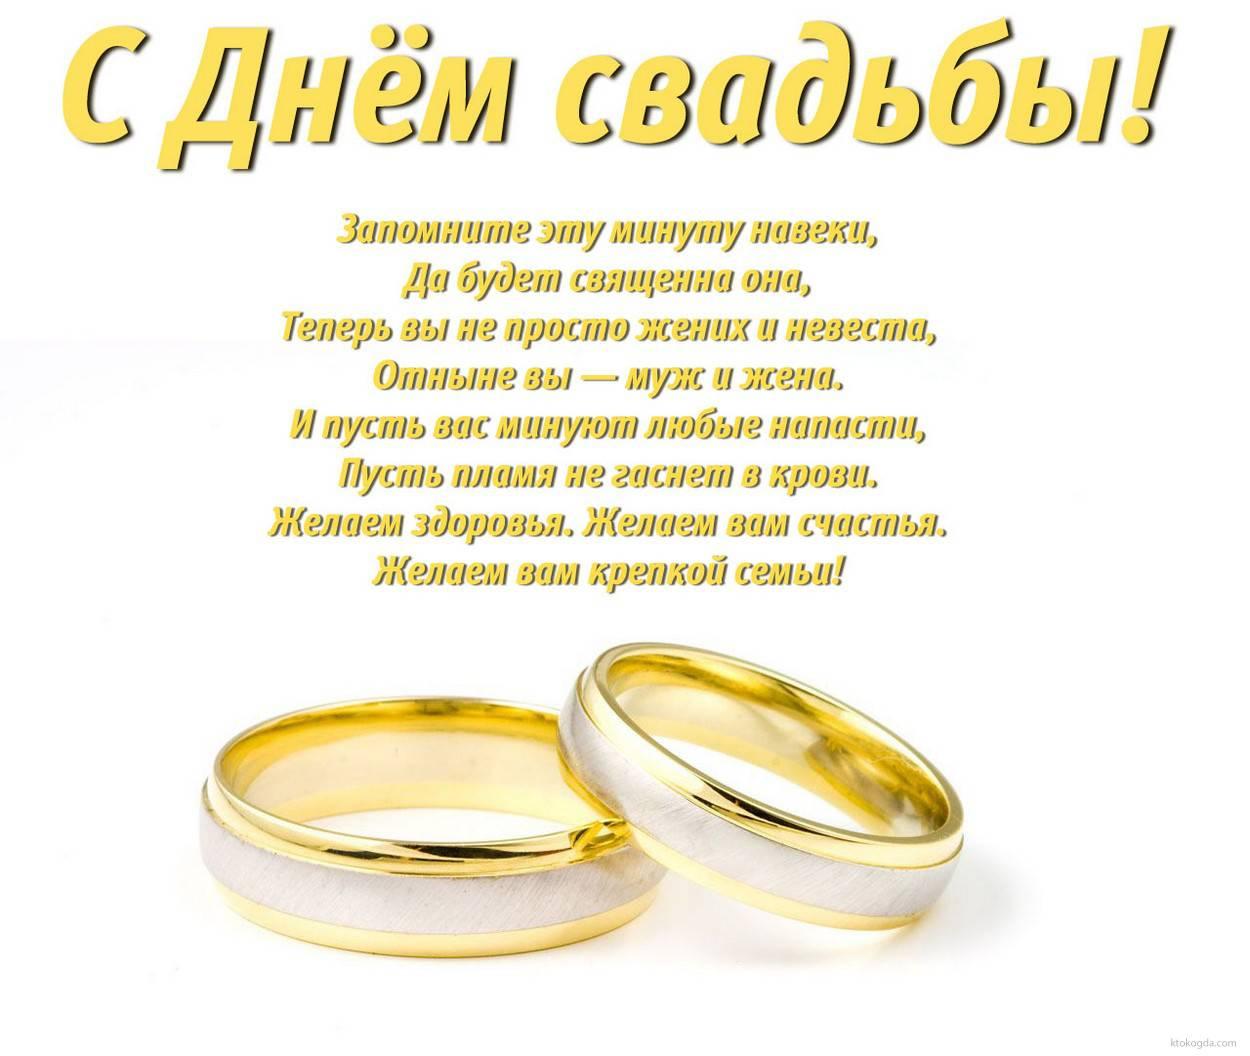 Поздравления с годовщиной свадьбы в прозе для мужа